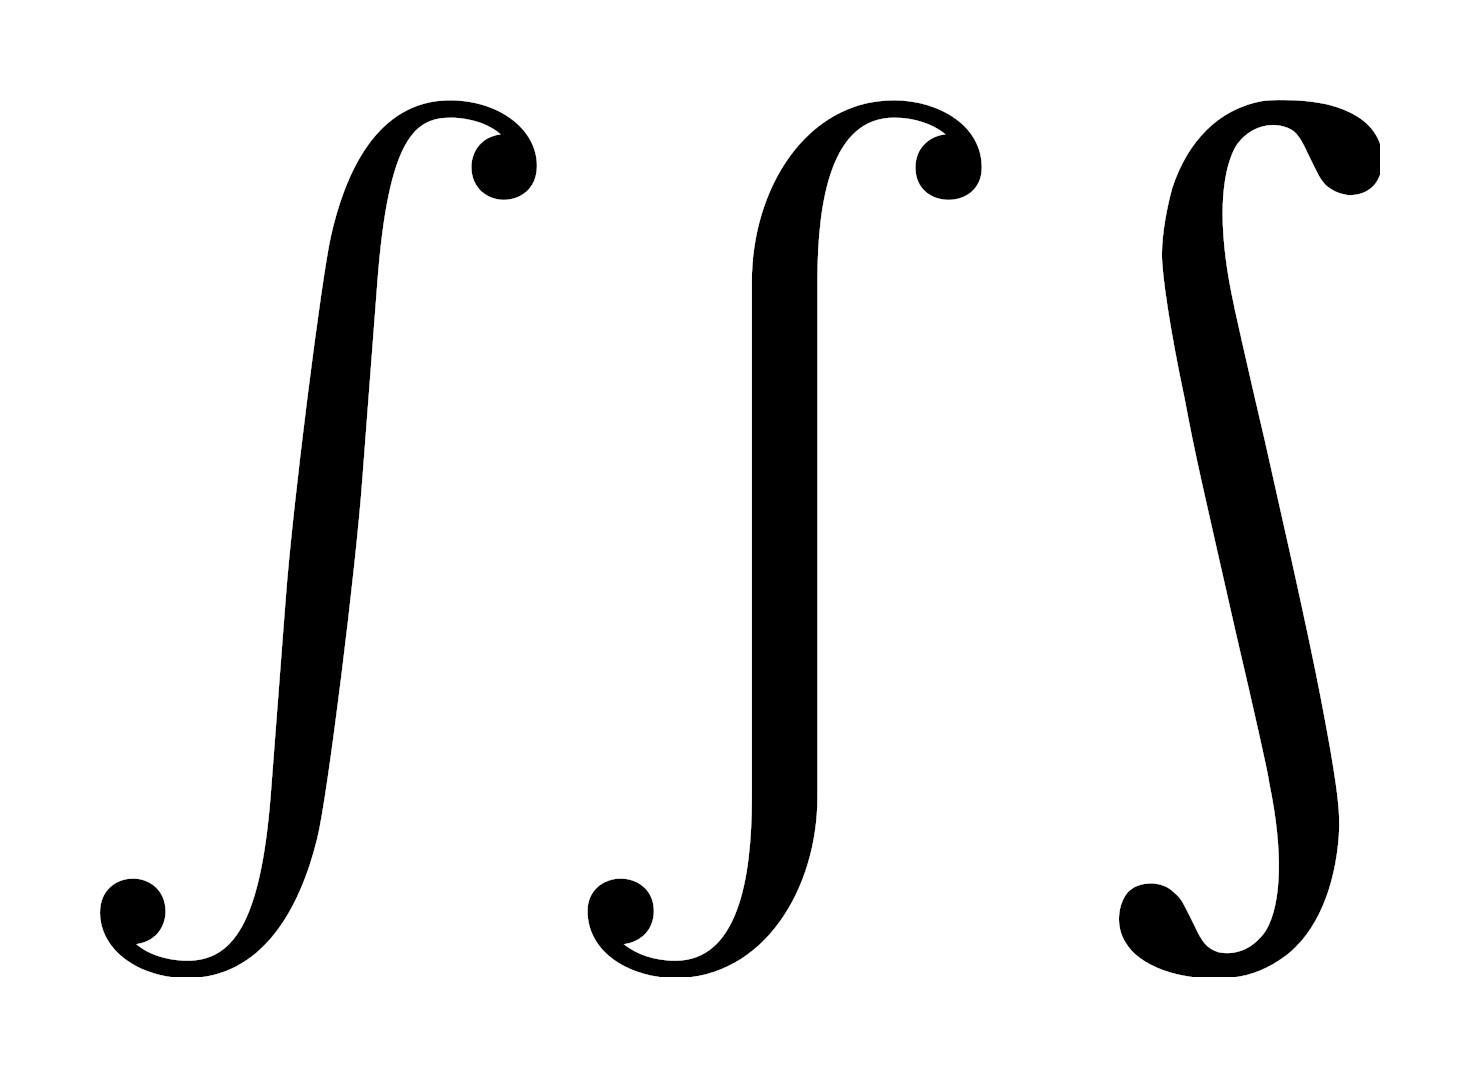 La matematica ha radici che toccano l'Infinito 3